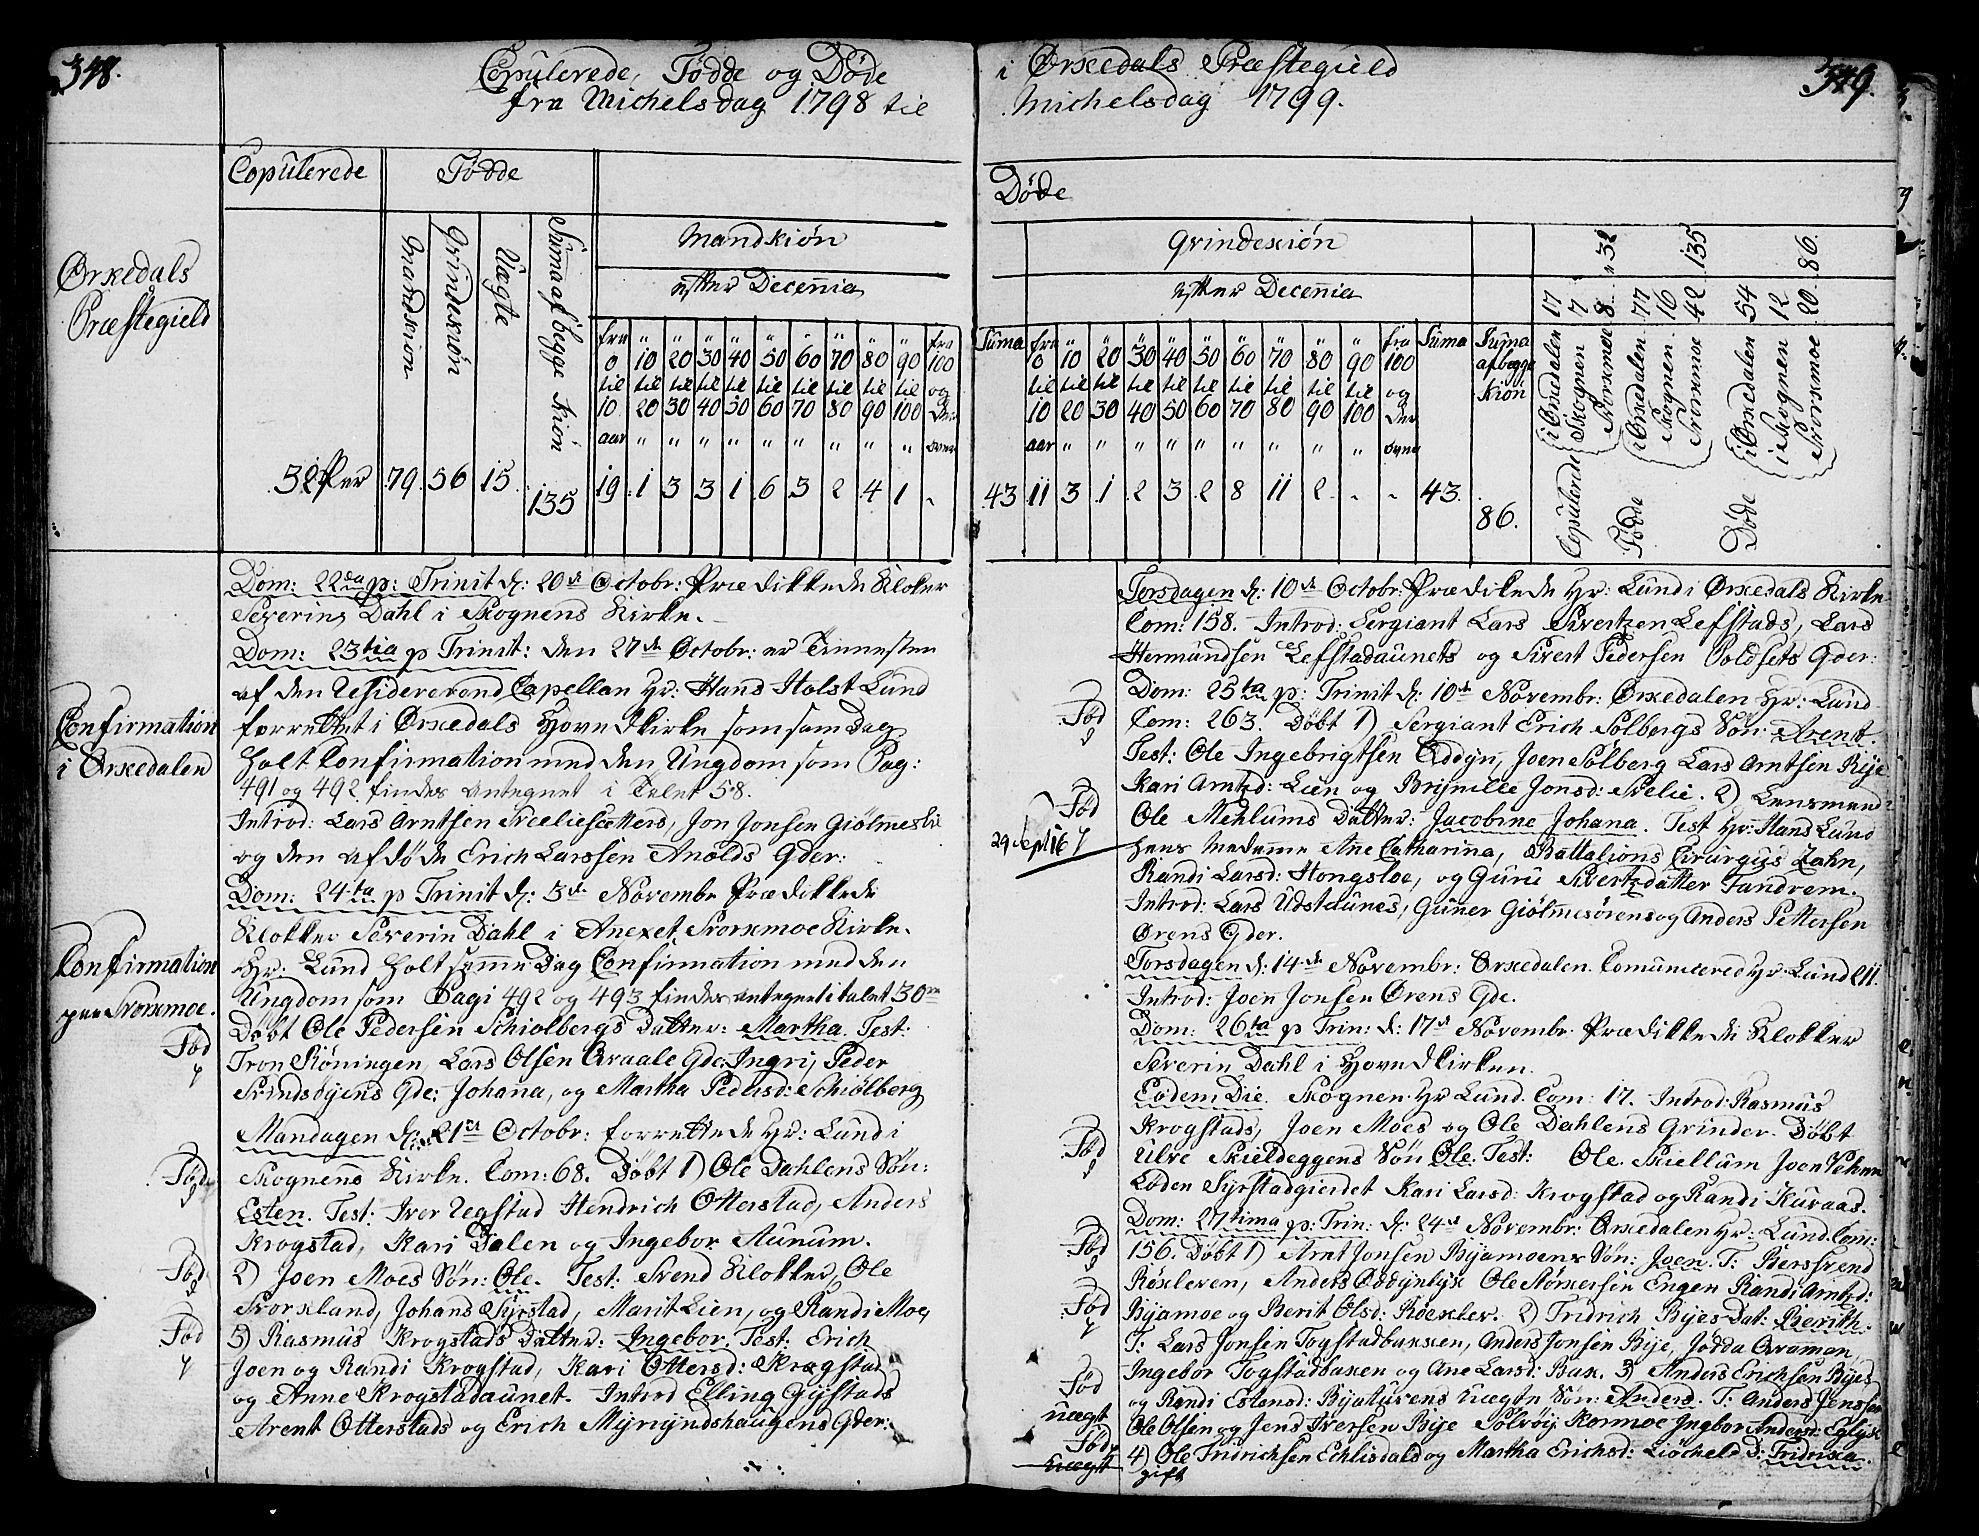 SAT, Ministerialprotokoller, klokkerbøker og fødselsregistre - Sør-Trøndelag, 668/L0802: Ministerialbok nr. 668A02, 1776-1799, s. 348-349